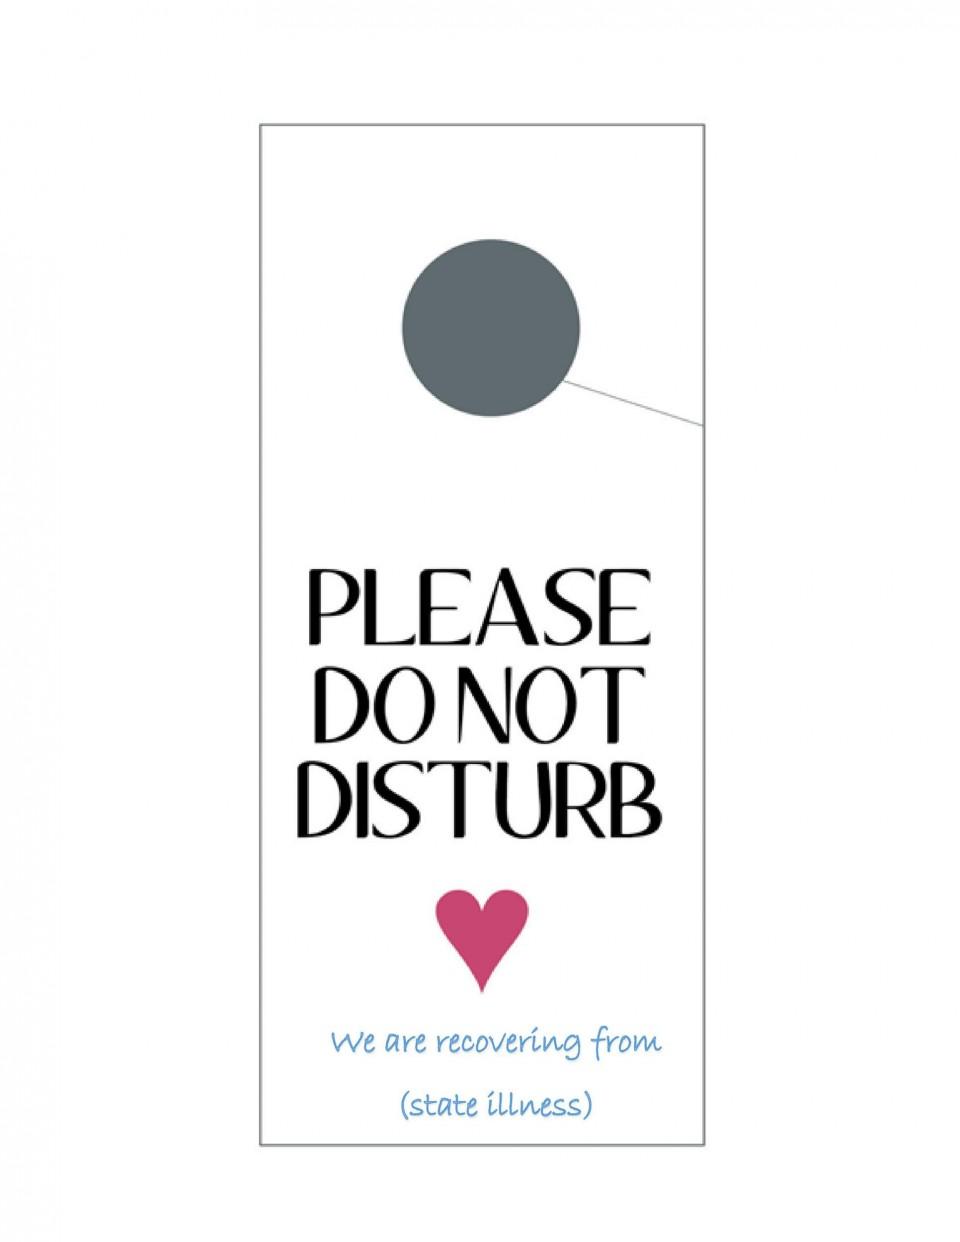 004 Outstanding Free Printable Template For Door Hanger Photo 960